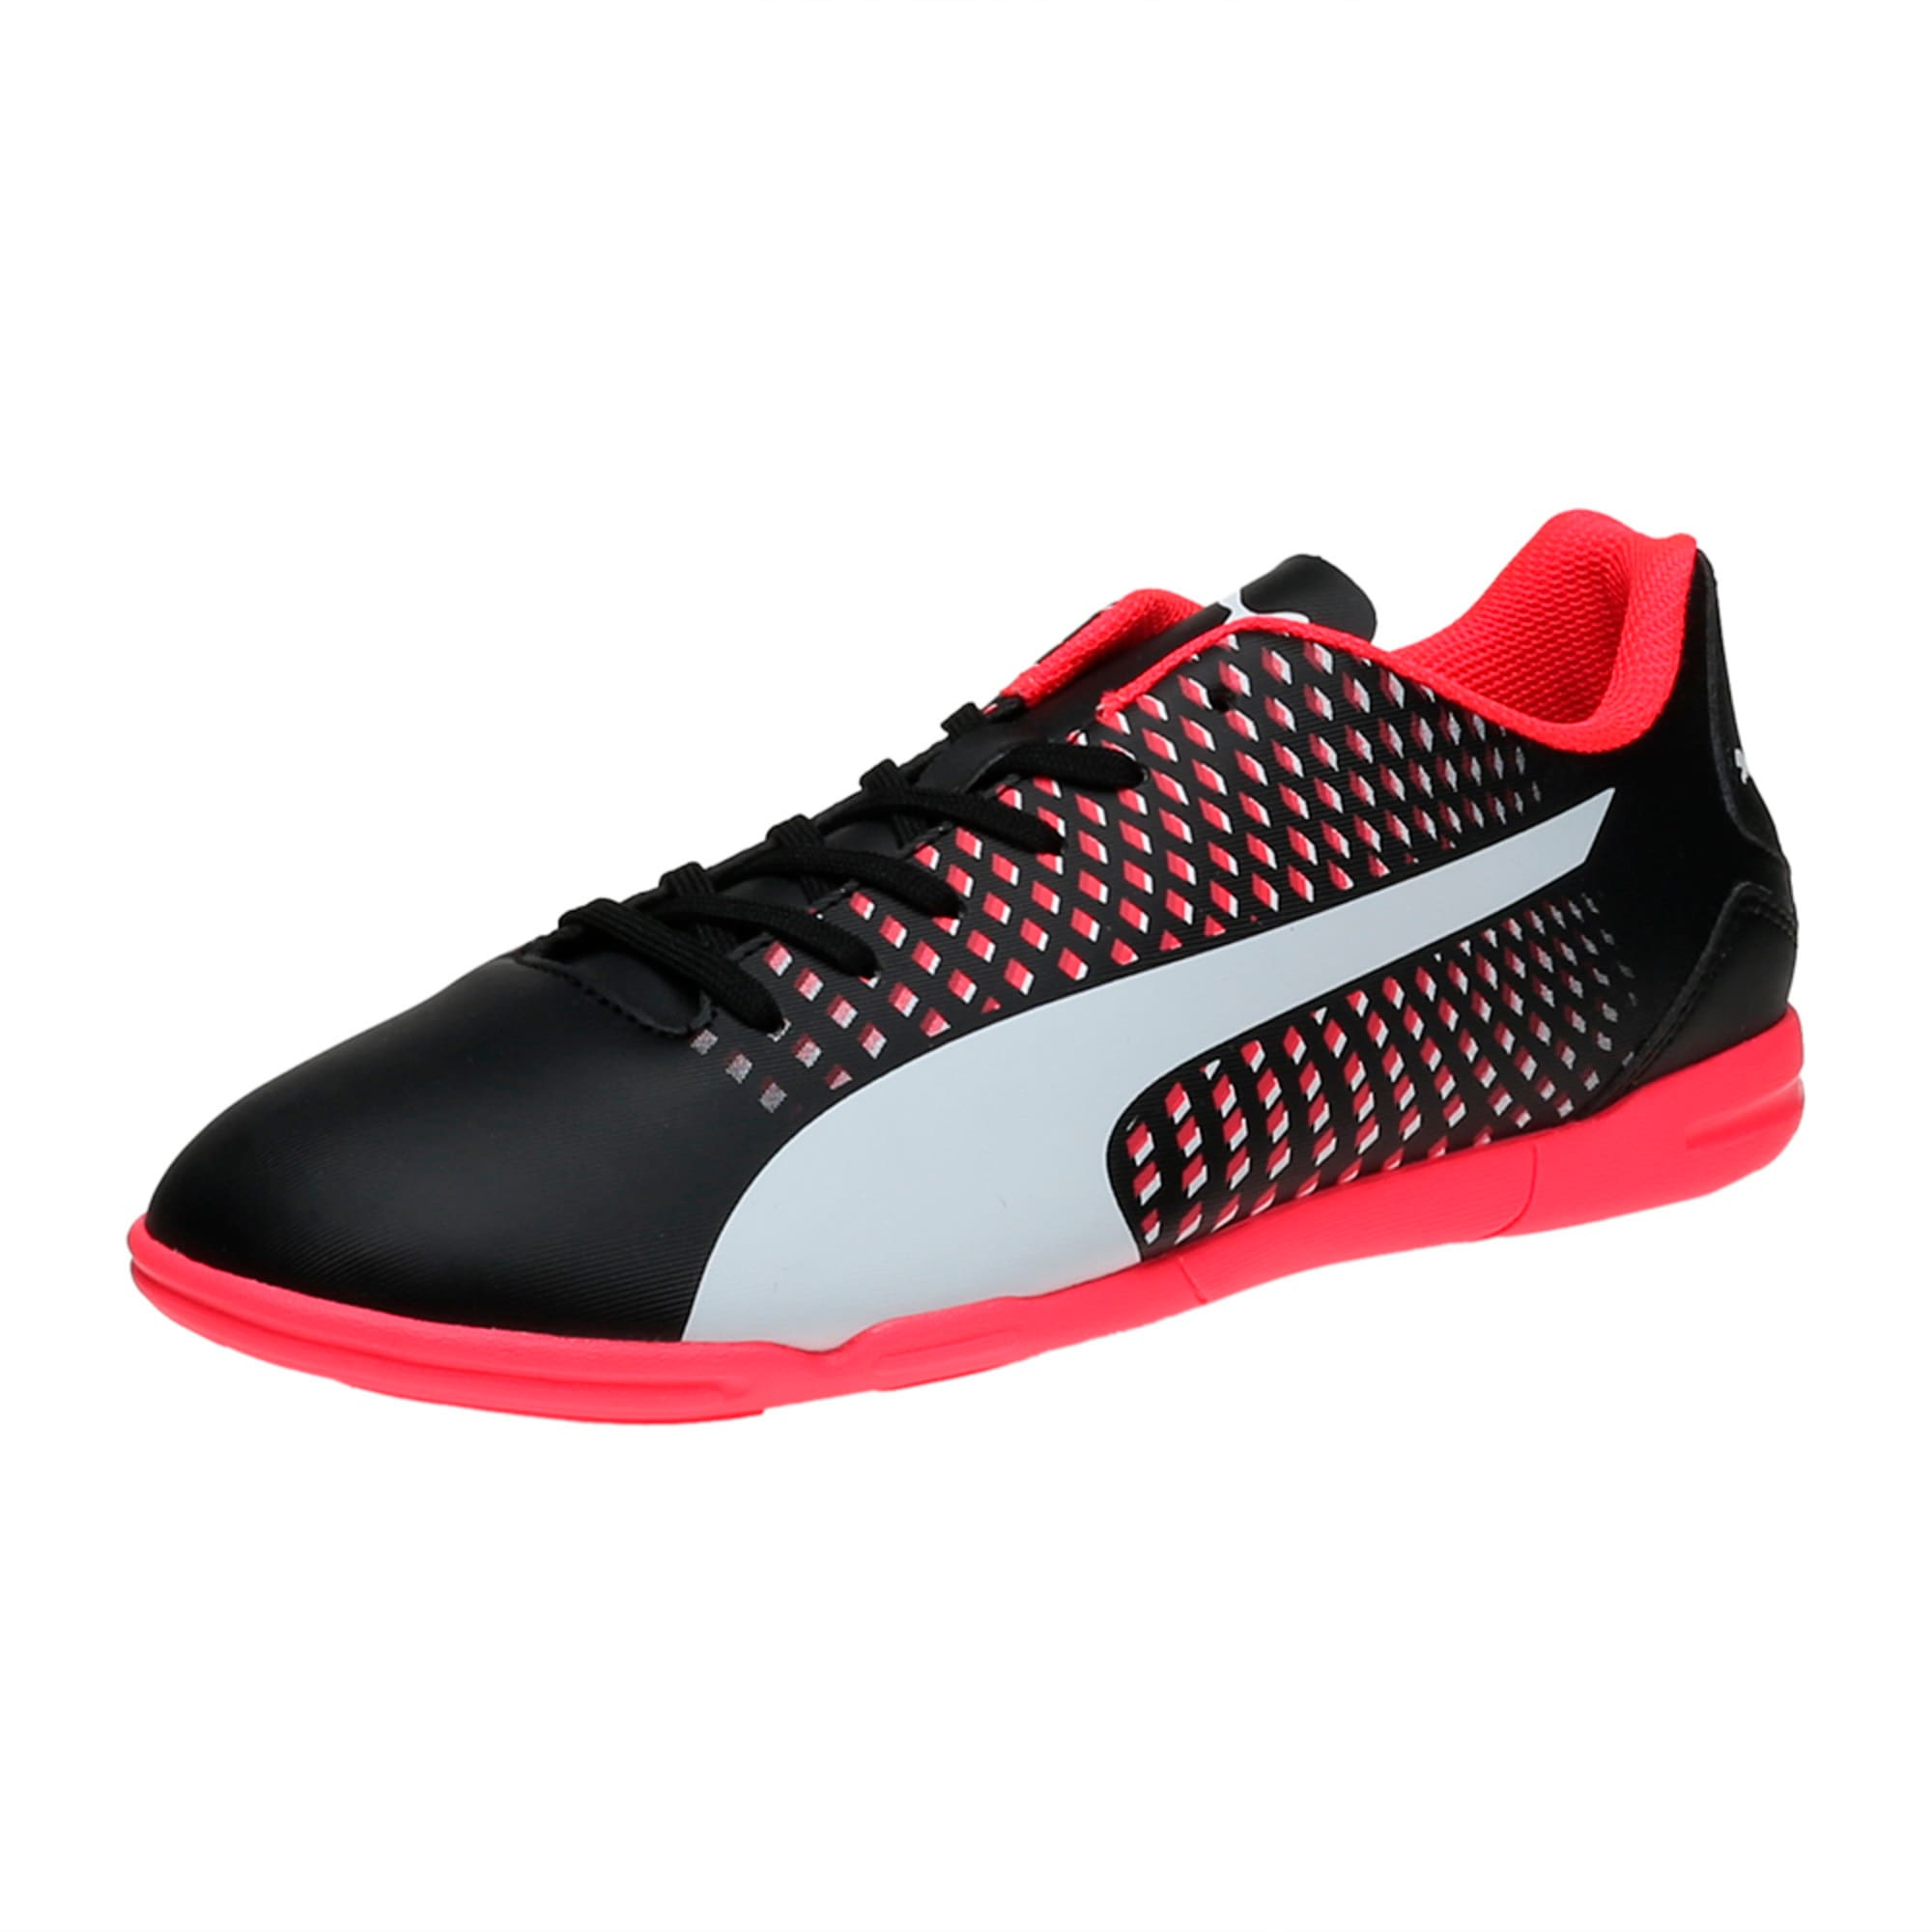 Thumbnail 1 of Adreno III IT Men's Indoor Training Shoes, black-white-plasma, medium-IND